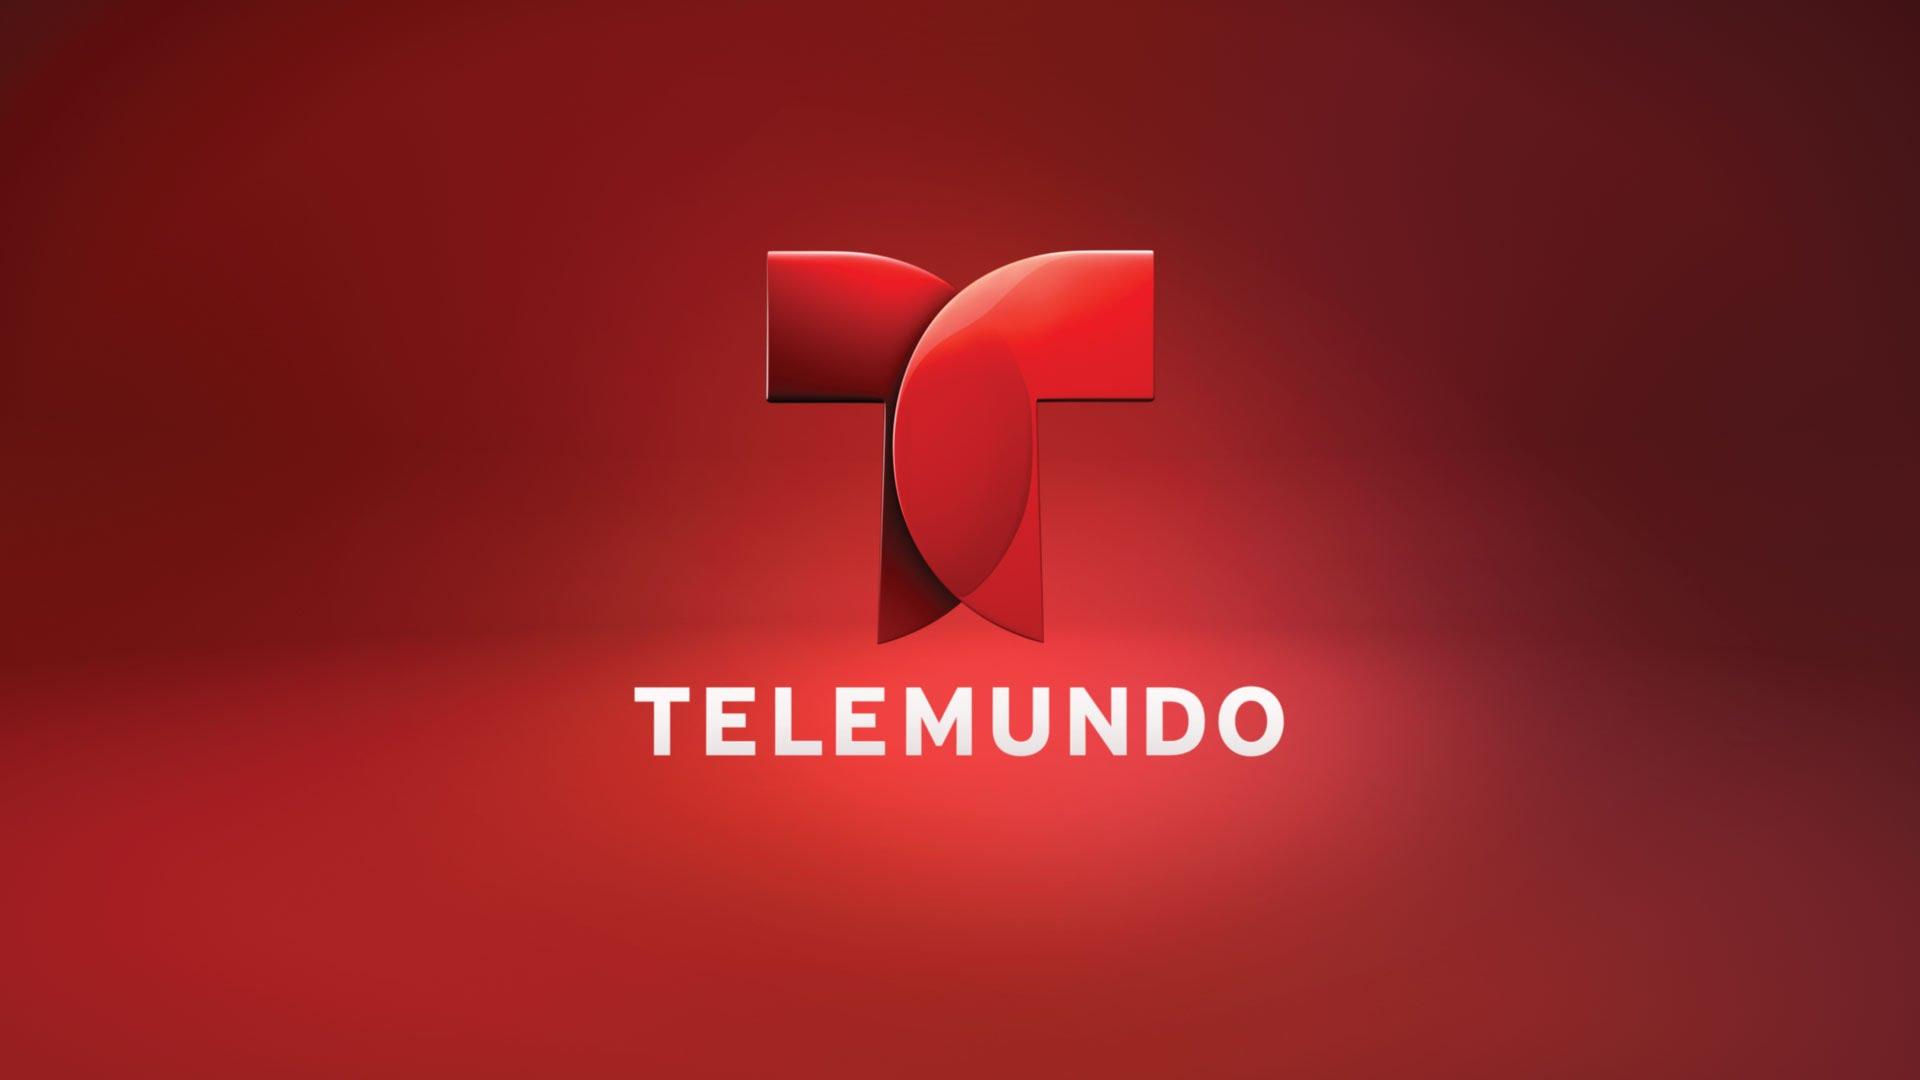 TELEMUNDO TERMINA LA TEMPORADA DE TELEVISIÓN COMO LA CADENA EN ESPAÑOL #1 SUPERANDO A UNIVISION Y UNIMAS